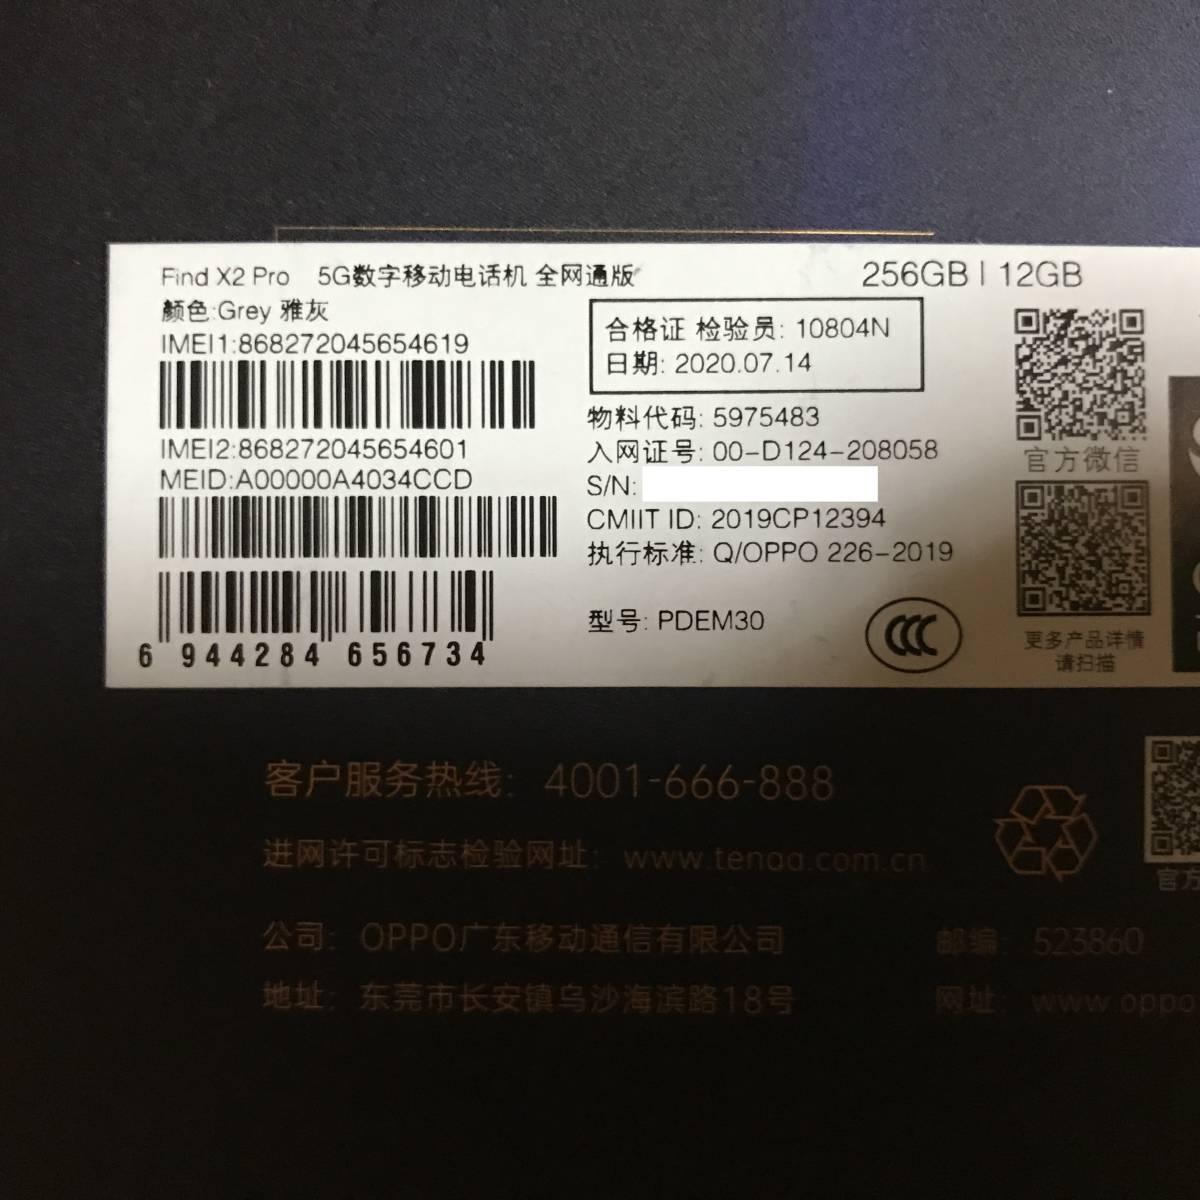 中古 OPPO Find X2 Pro 中国版 12GB/256GB デュアルsim_画像4